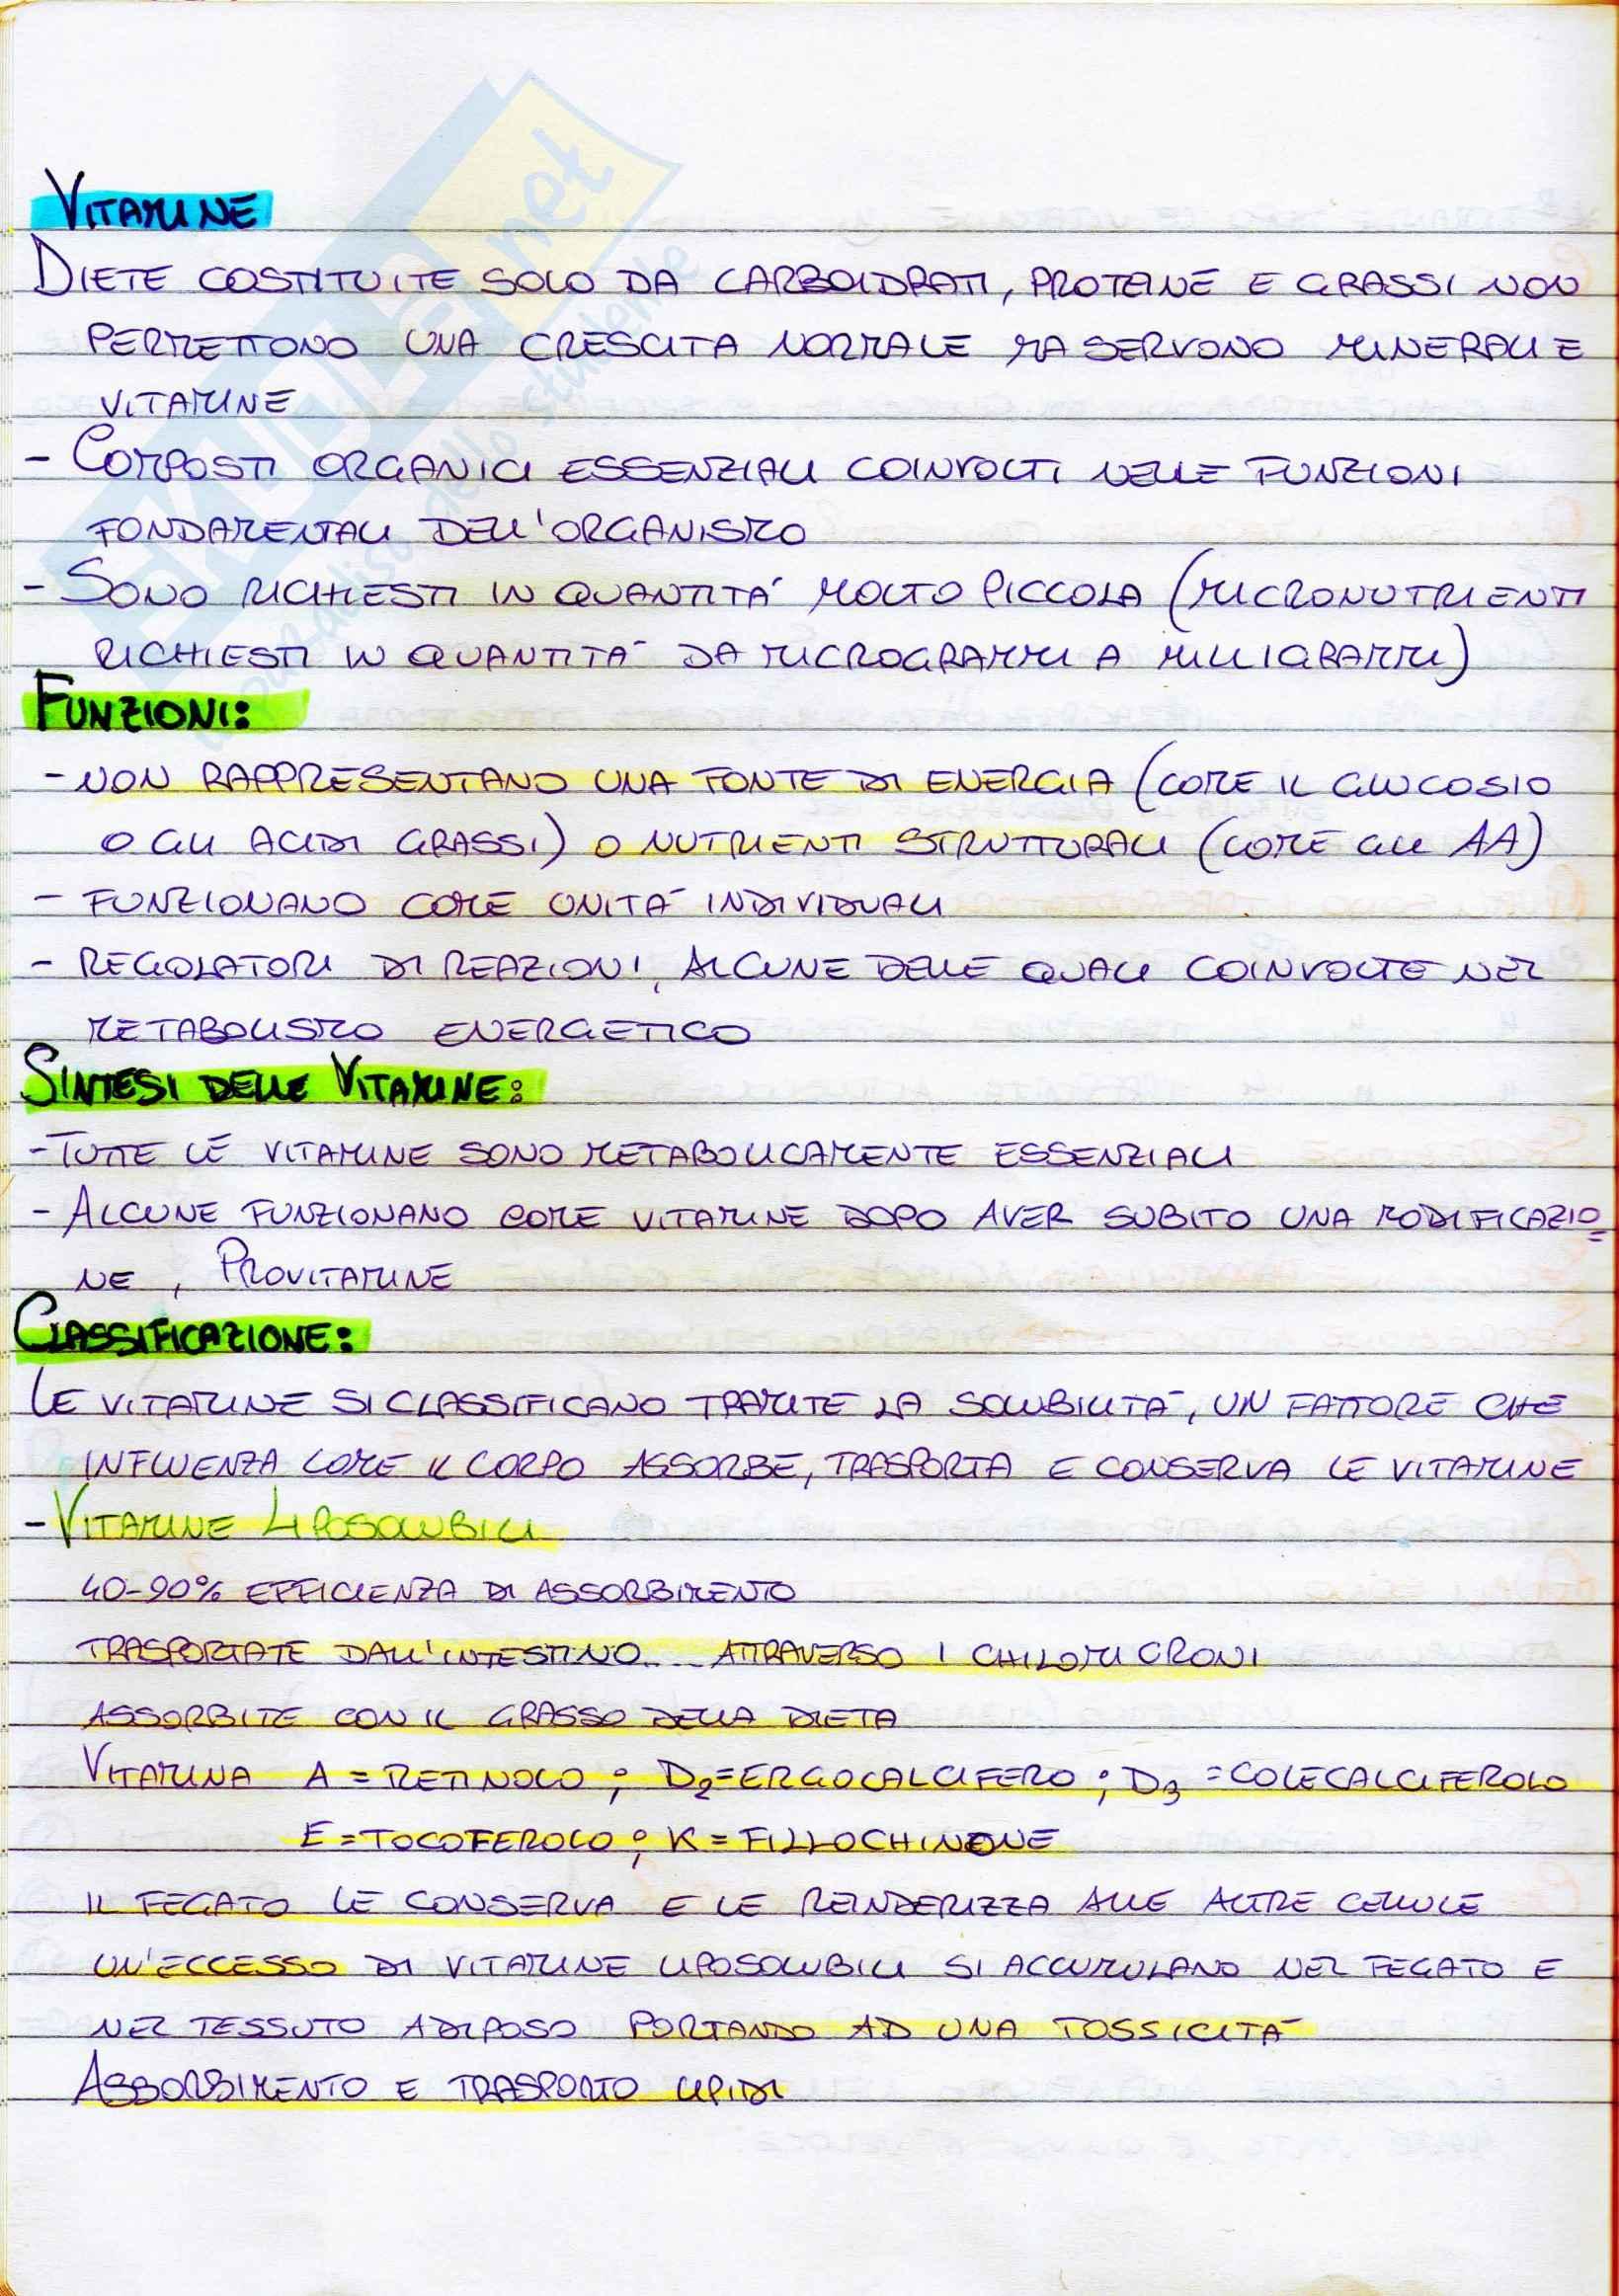 Riassunto esame Biochimica generale e umana, prof. Sabatini, libro consigliato Introduzione alla biochimica di Lehninger Pag. 16